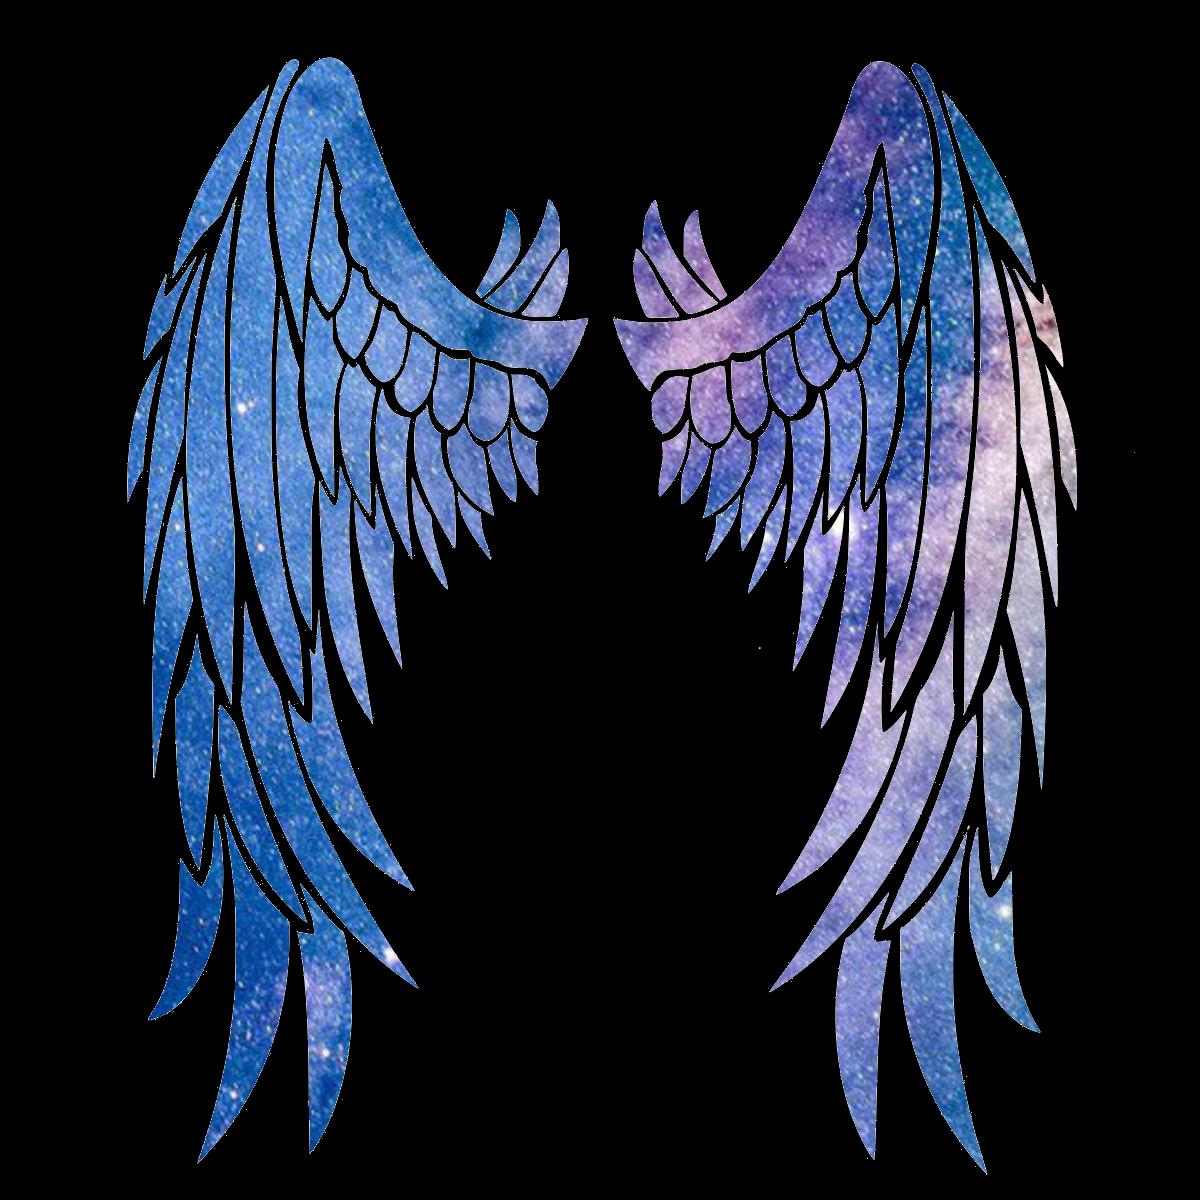 ангельские крылышки картинки делегации скрывали